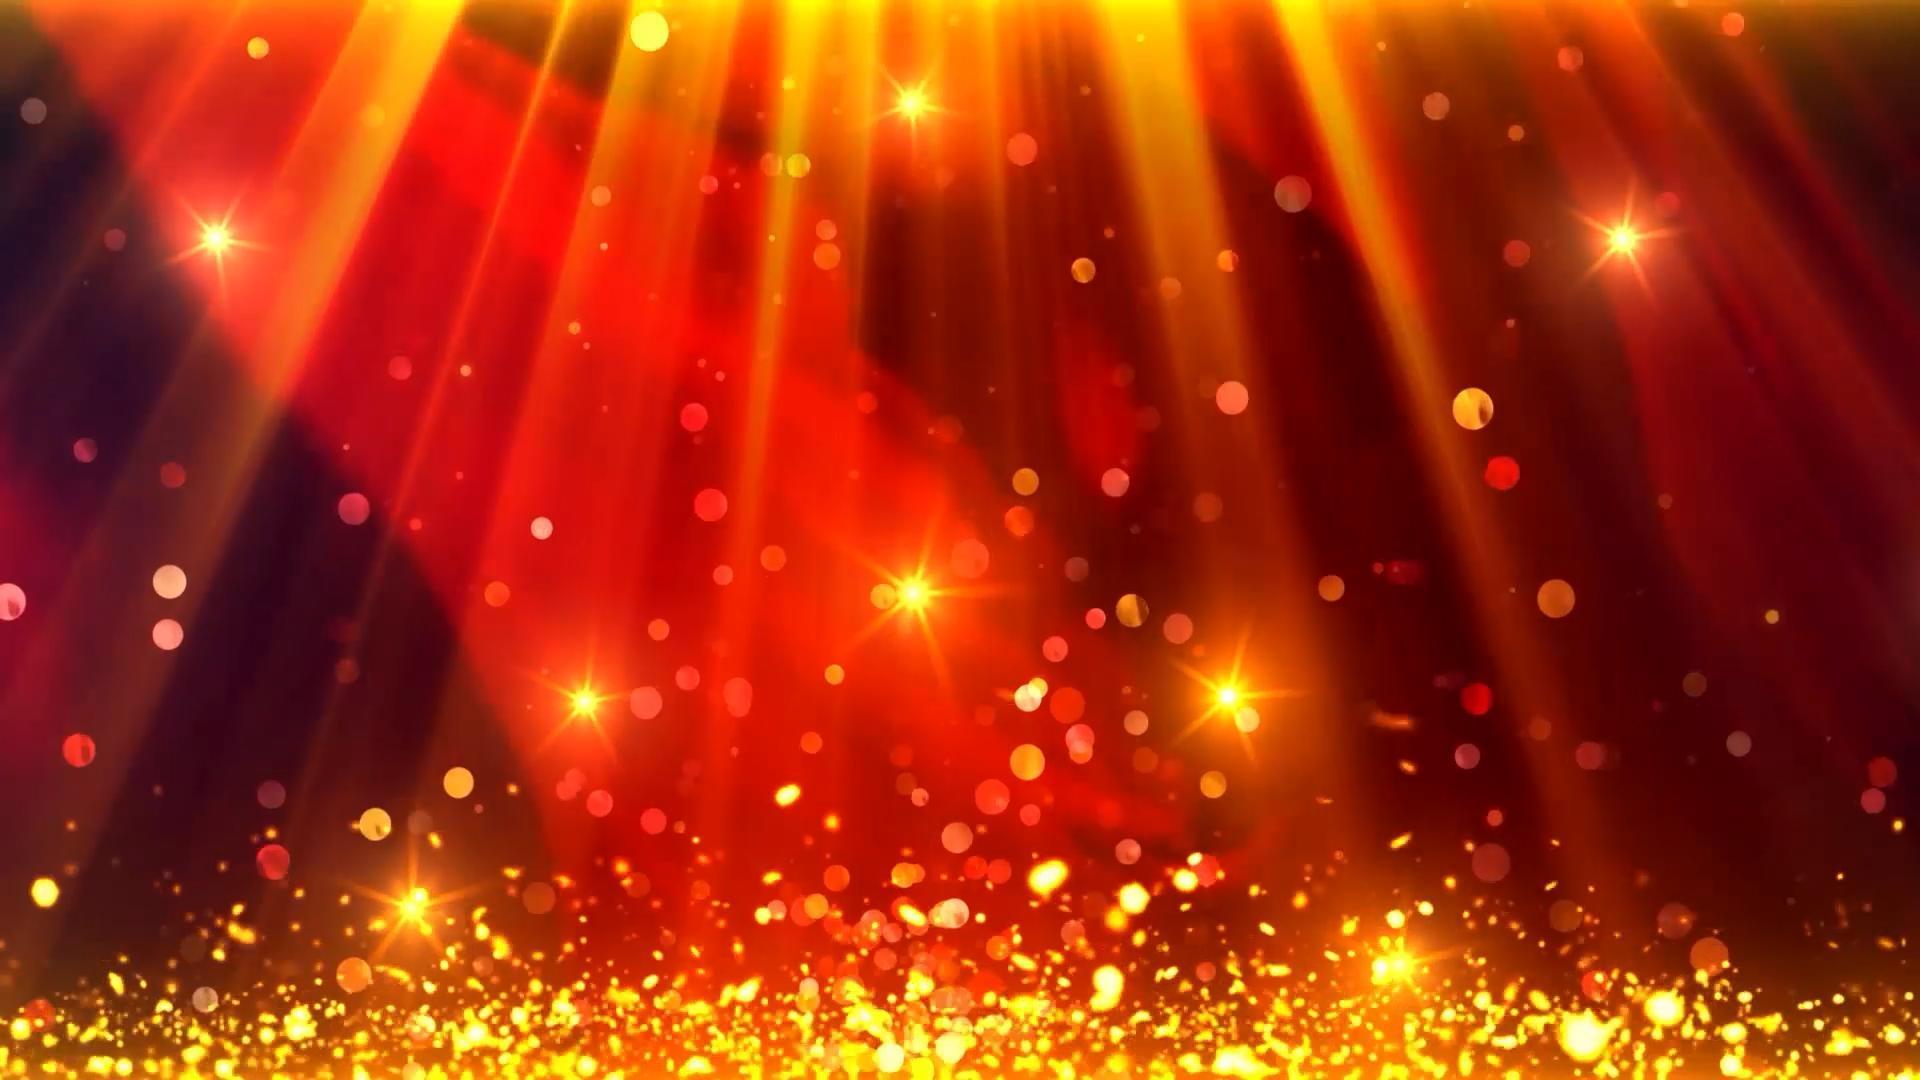 金色光束粒子舞台颁奖LED素材